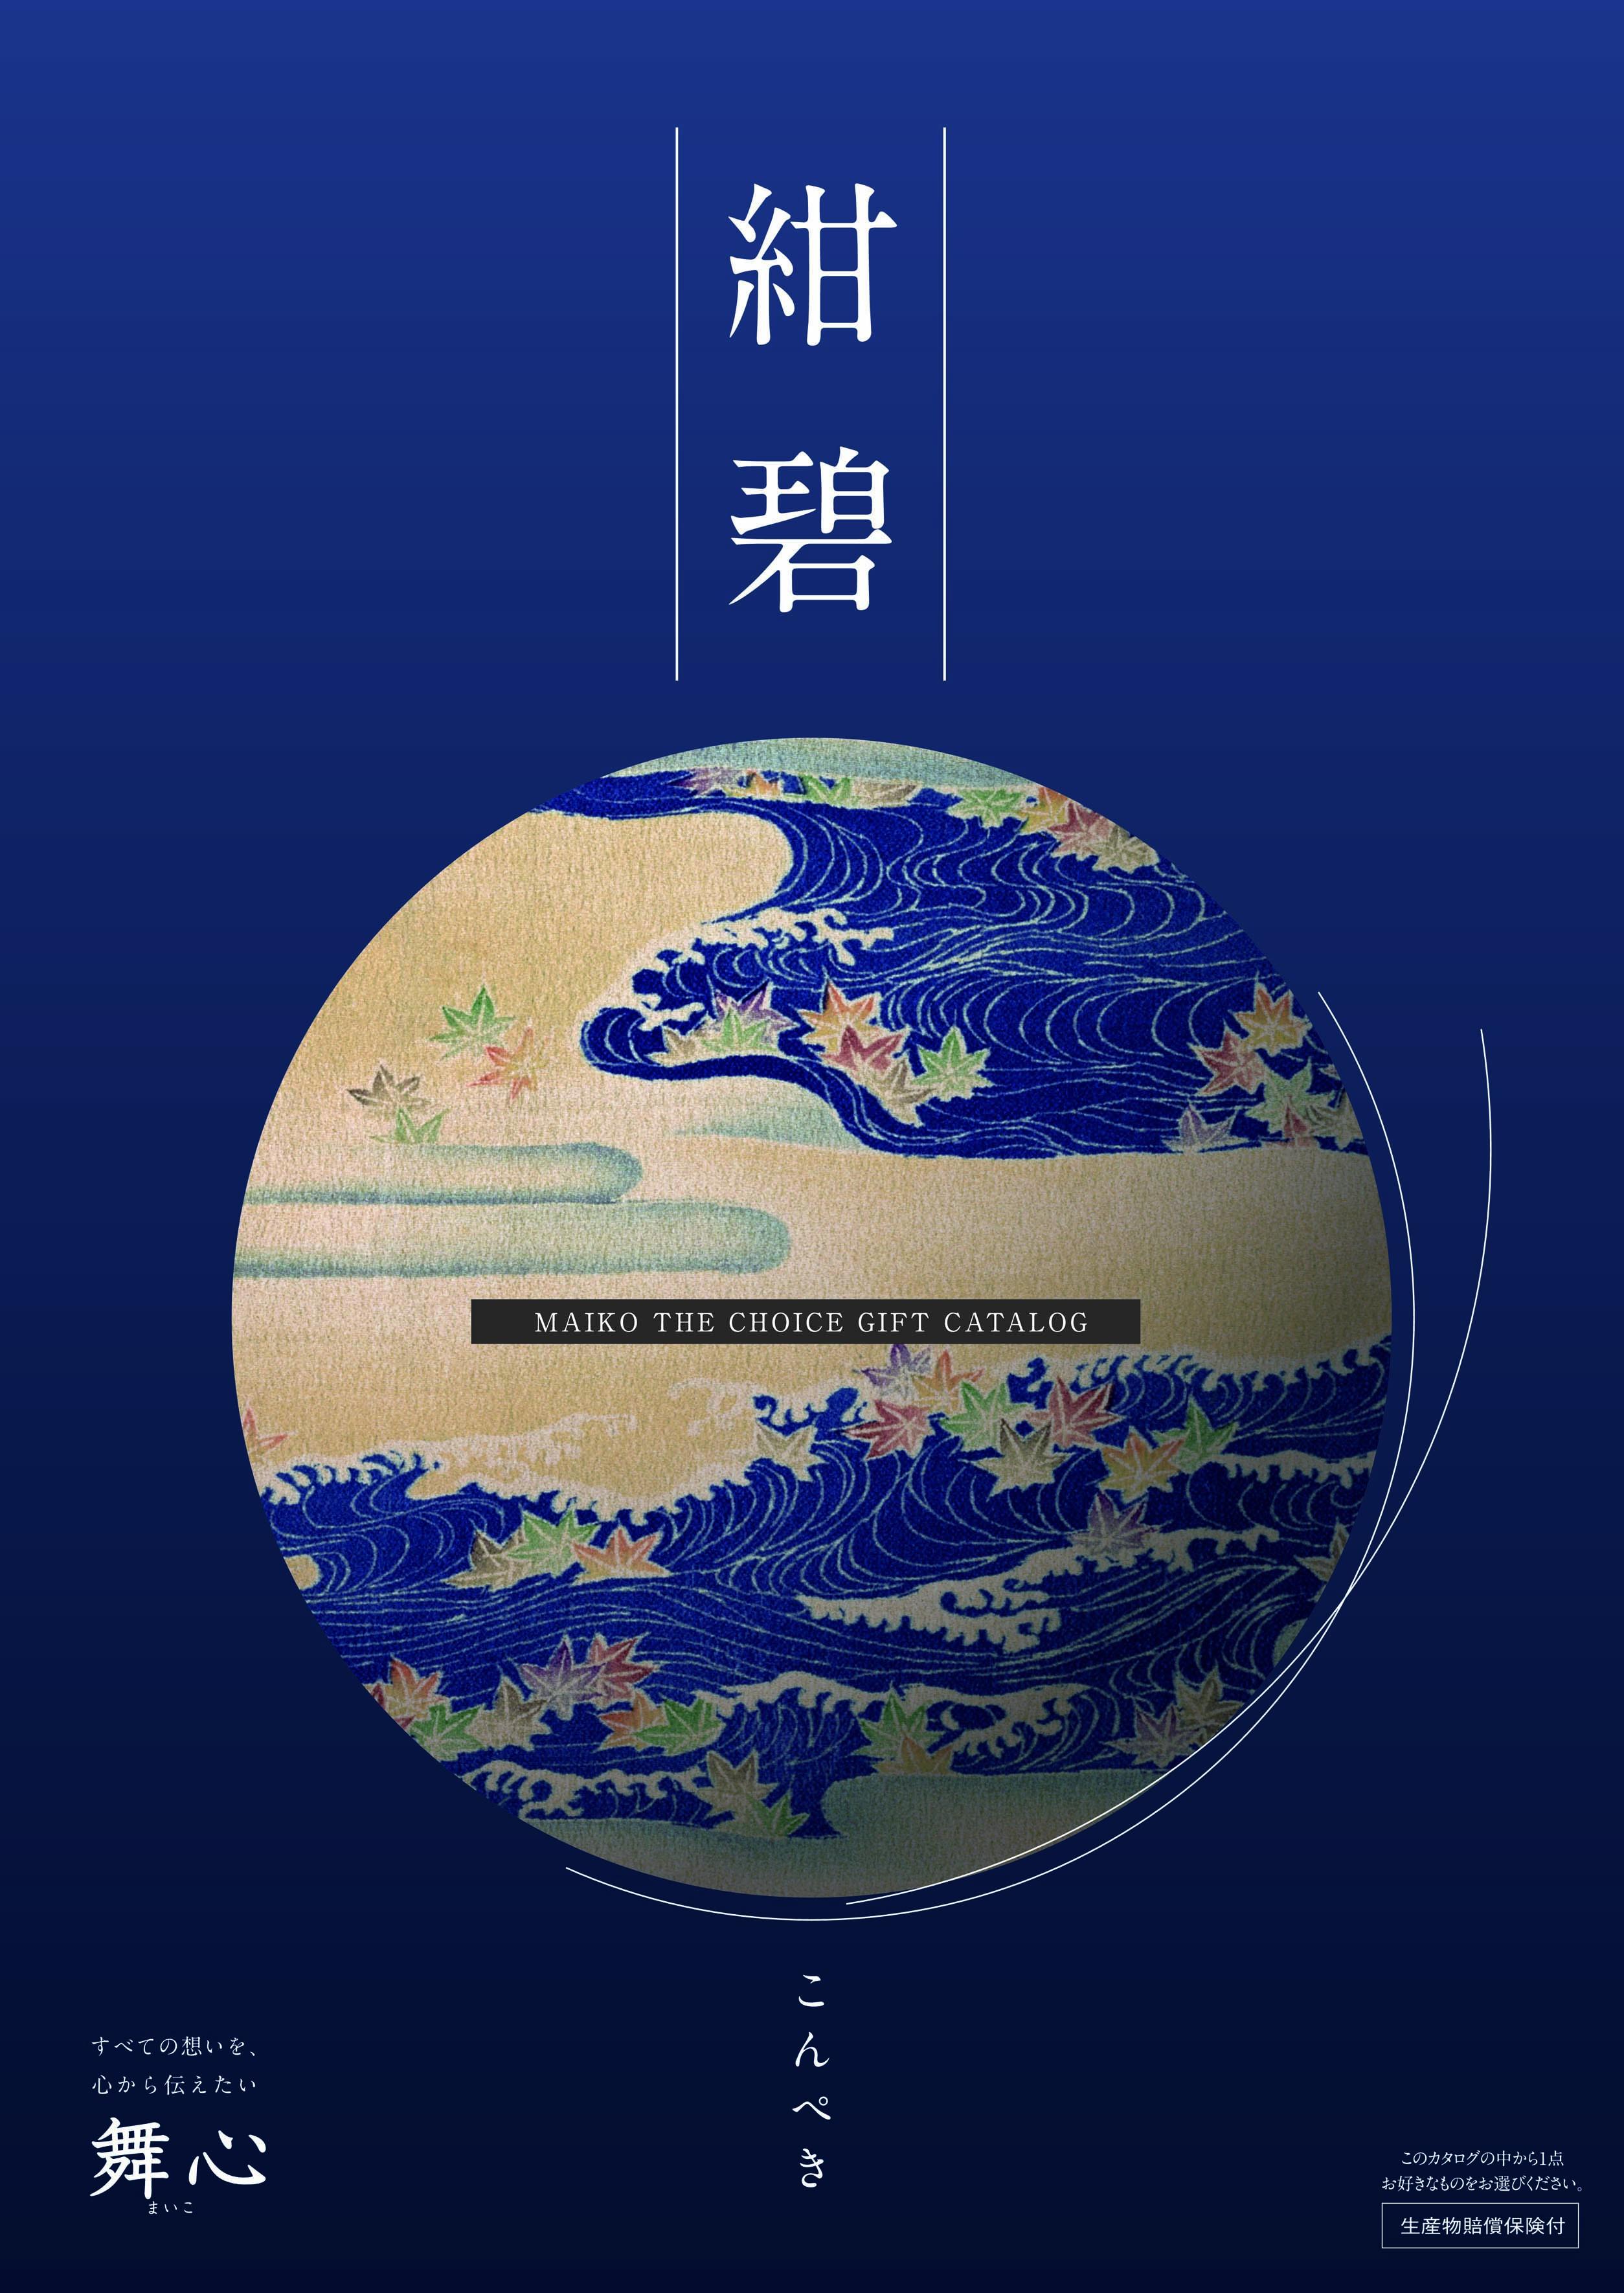 マイハート紺碧-こんぺき-